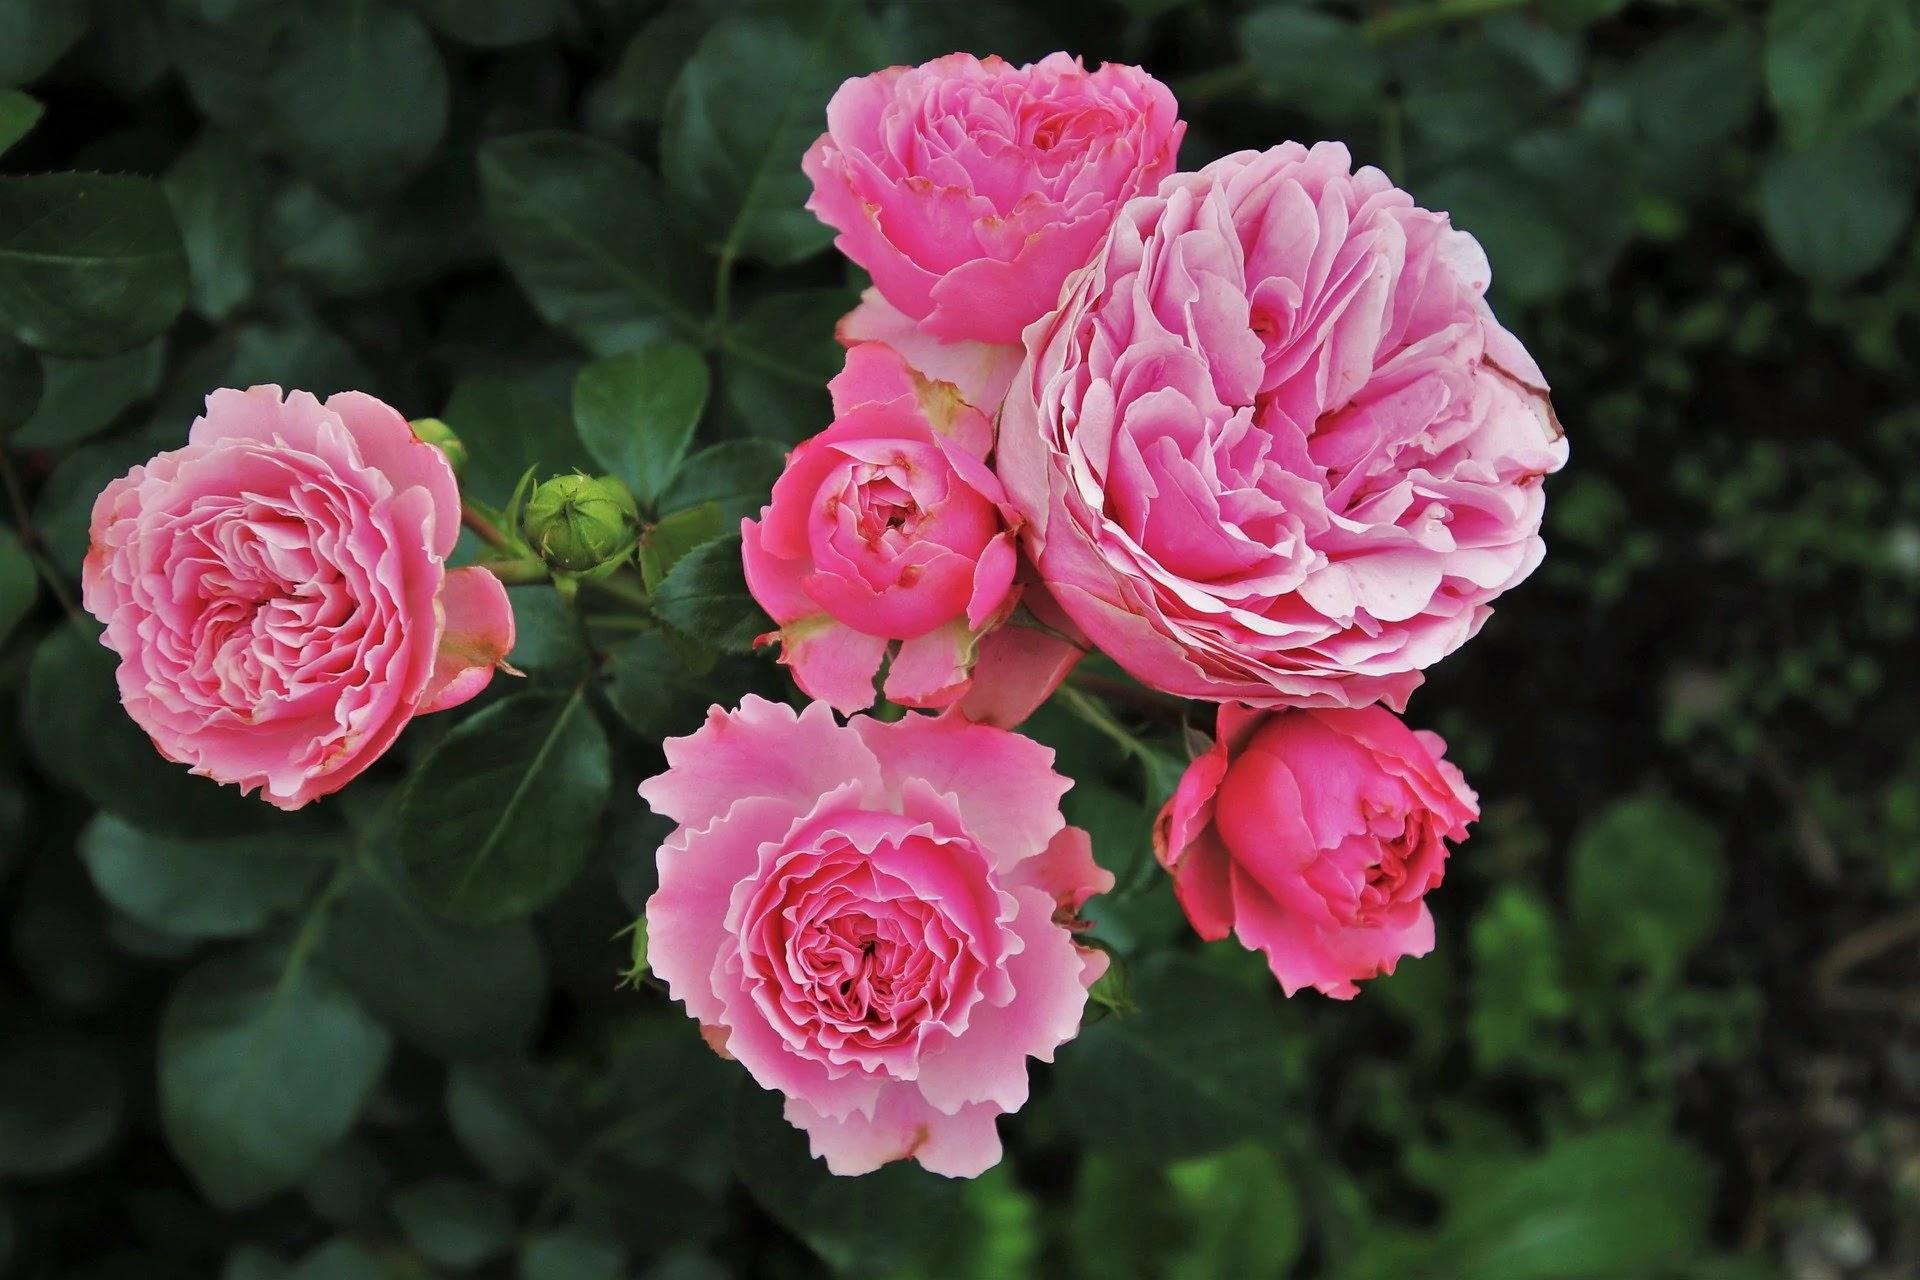 صورة وردة وردة جميلة